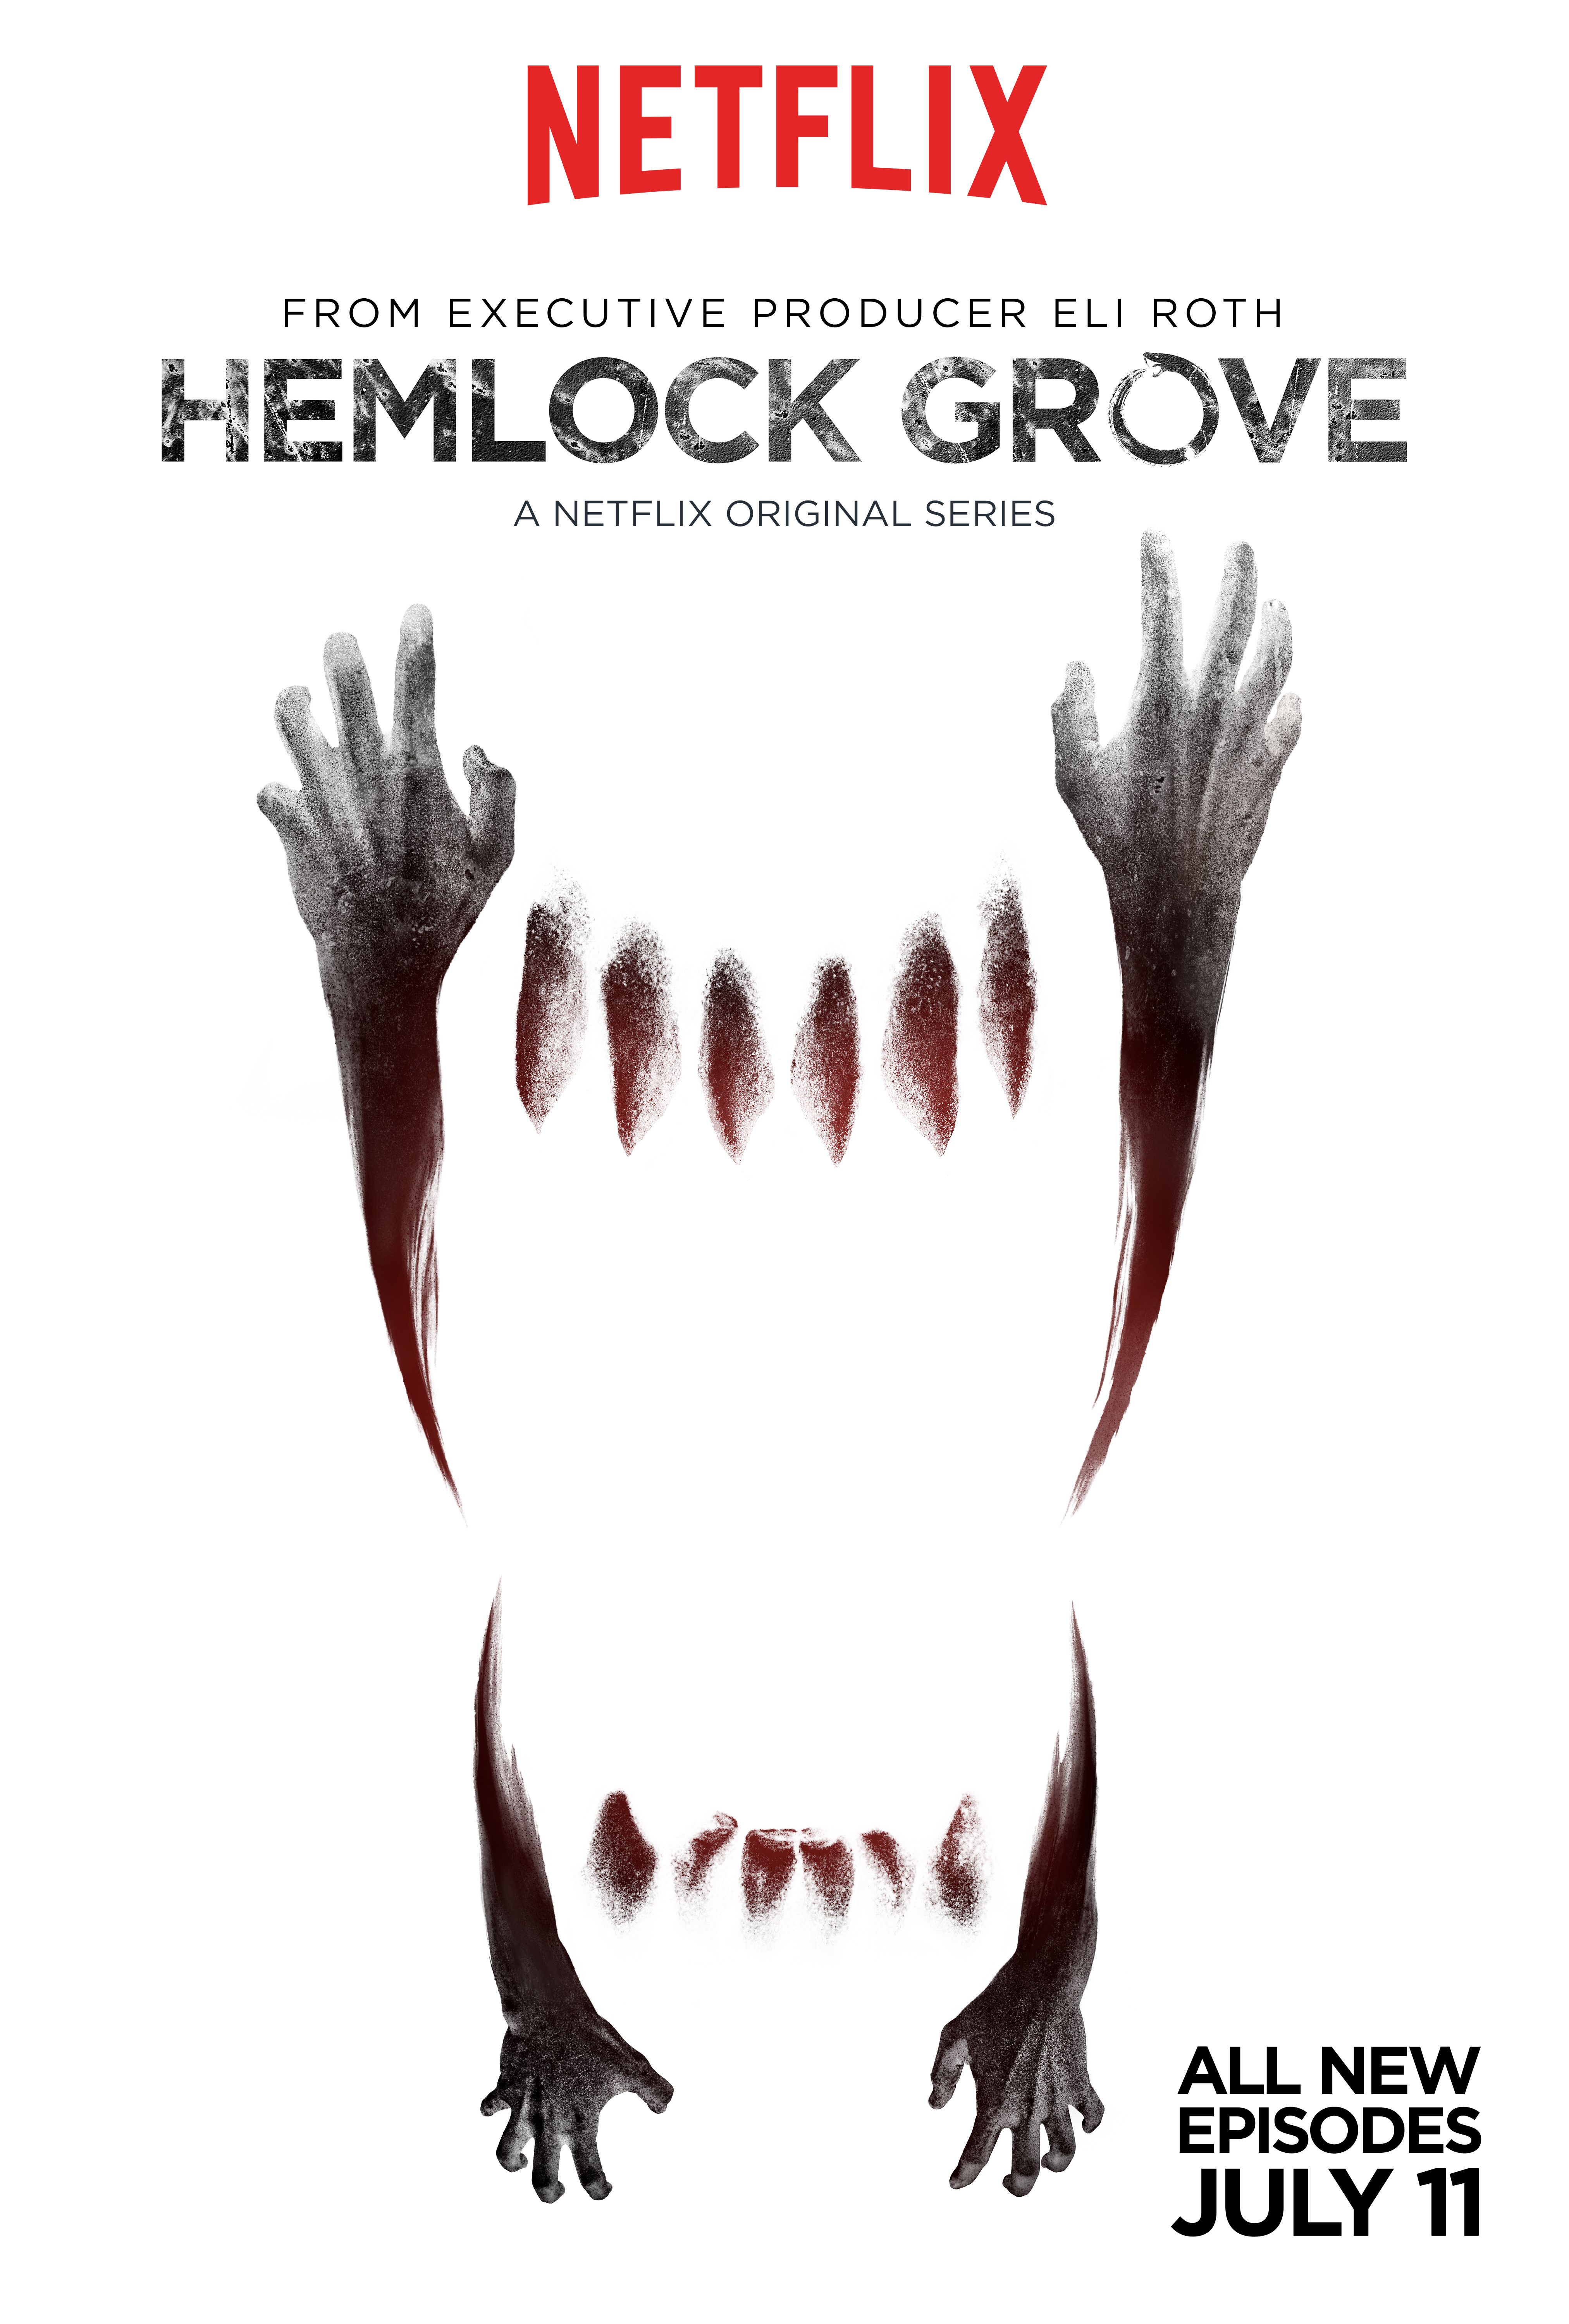 hemlock grove season 2 netflix